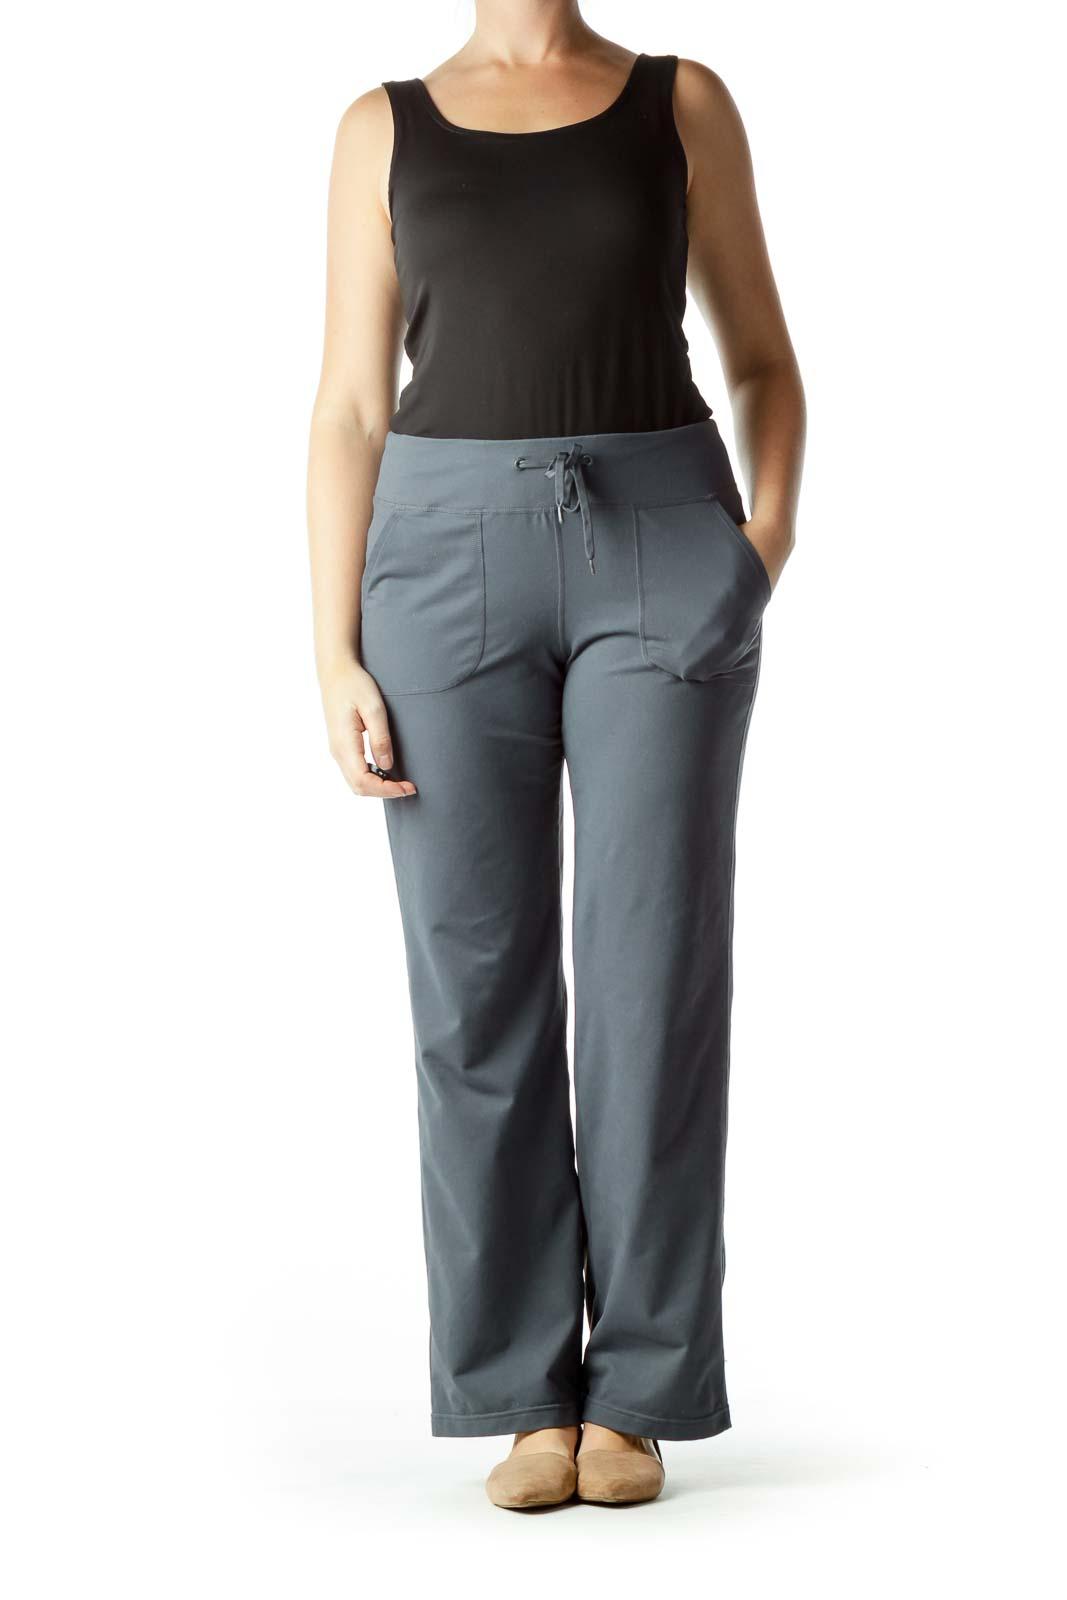 Gray Pocketed Yoga Pants